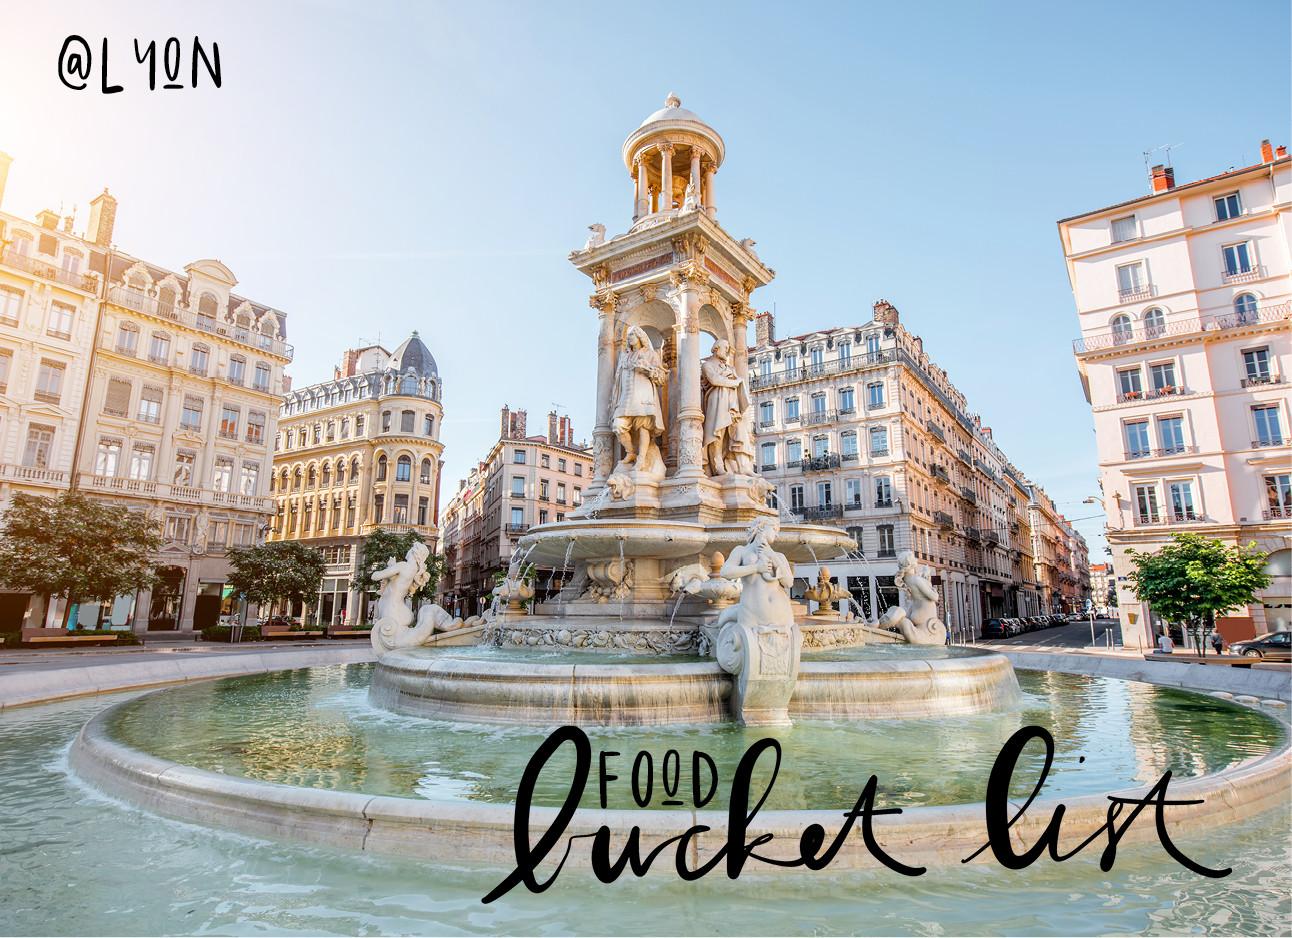 plein in de franse stad lyon